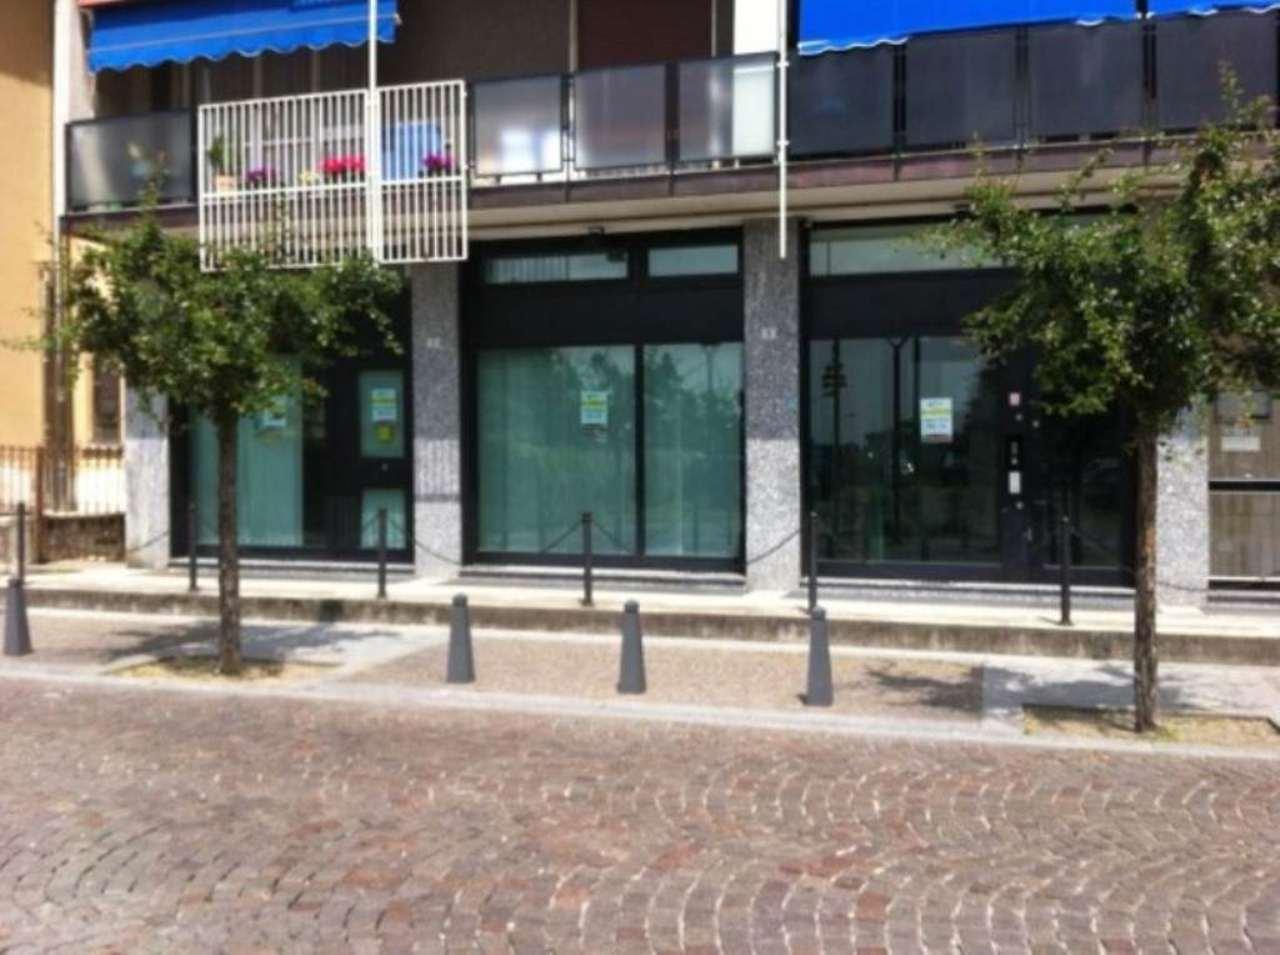 Negozio / Locale in vendita a Arosio, 9999 locali, prezzo € 360.000 | CambioCasa.it